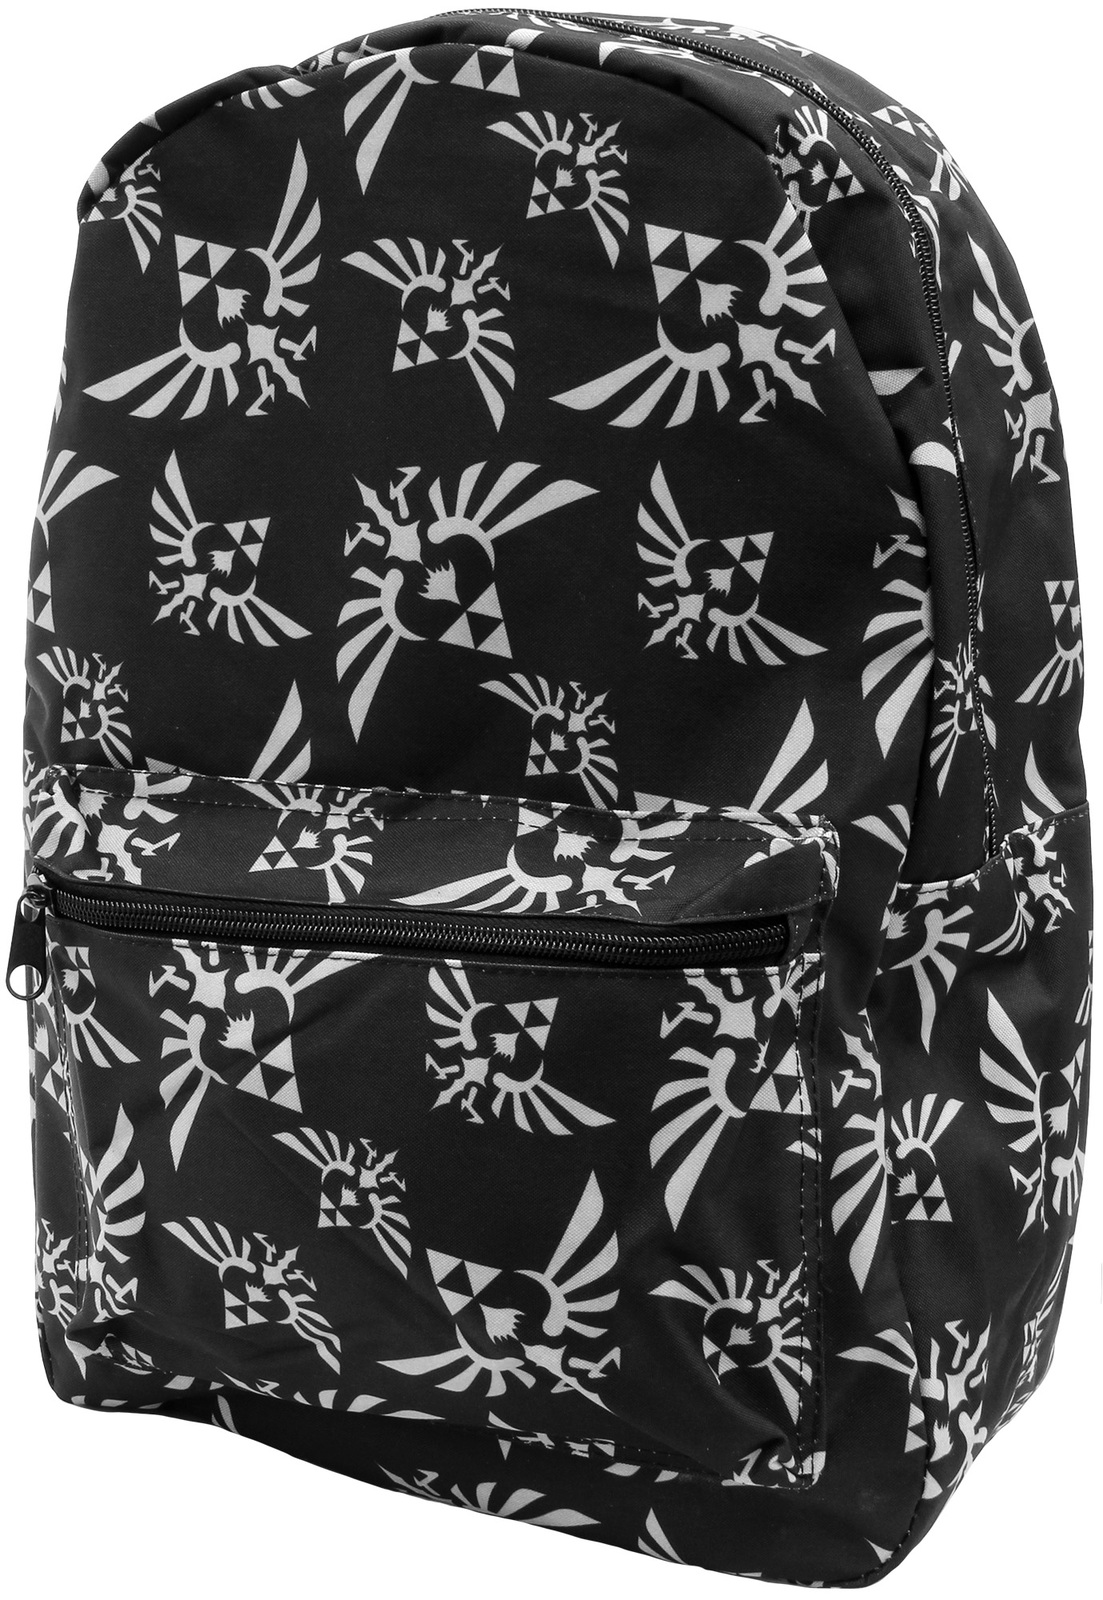 Legend of Zelda Sublimated Backpack image 75b5e4687ea45